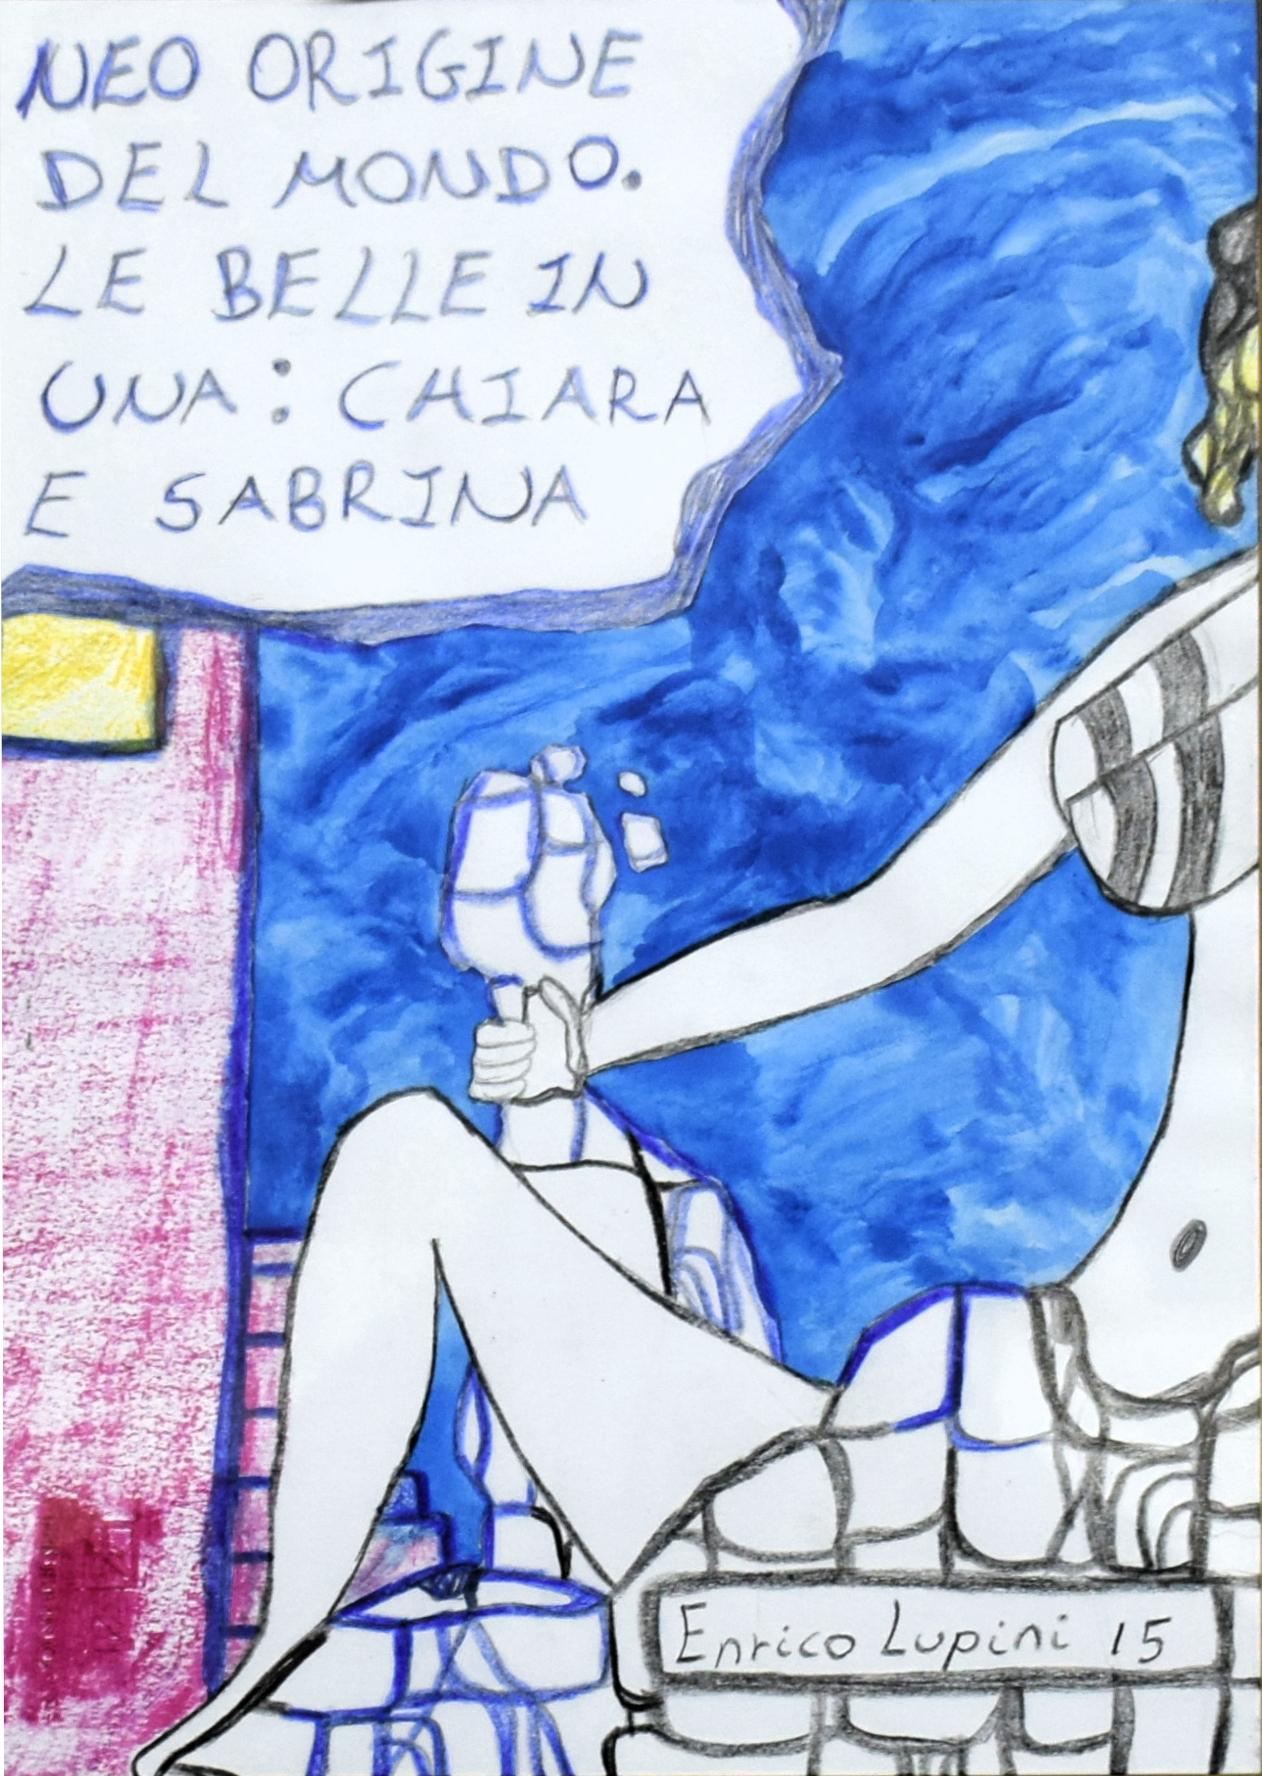 Lupini Enrico - Gualdo Tadino - Neo origine del mondo Le belle in una Chiara e Sabrina